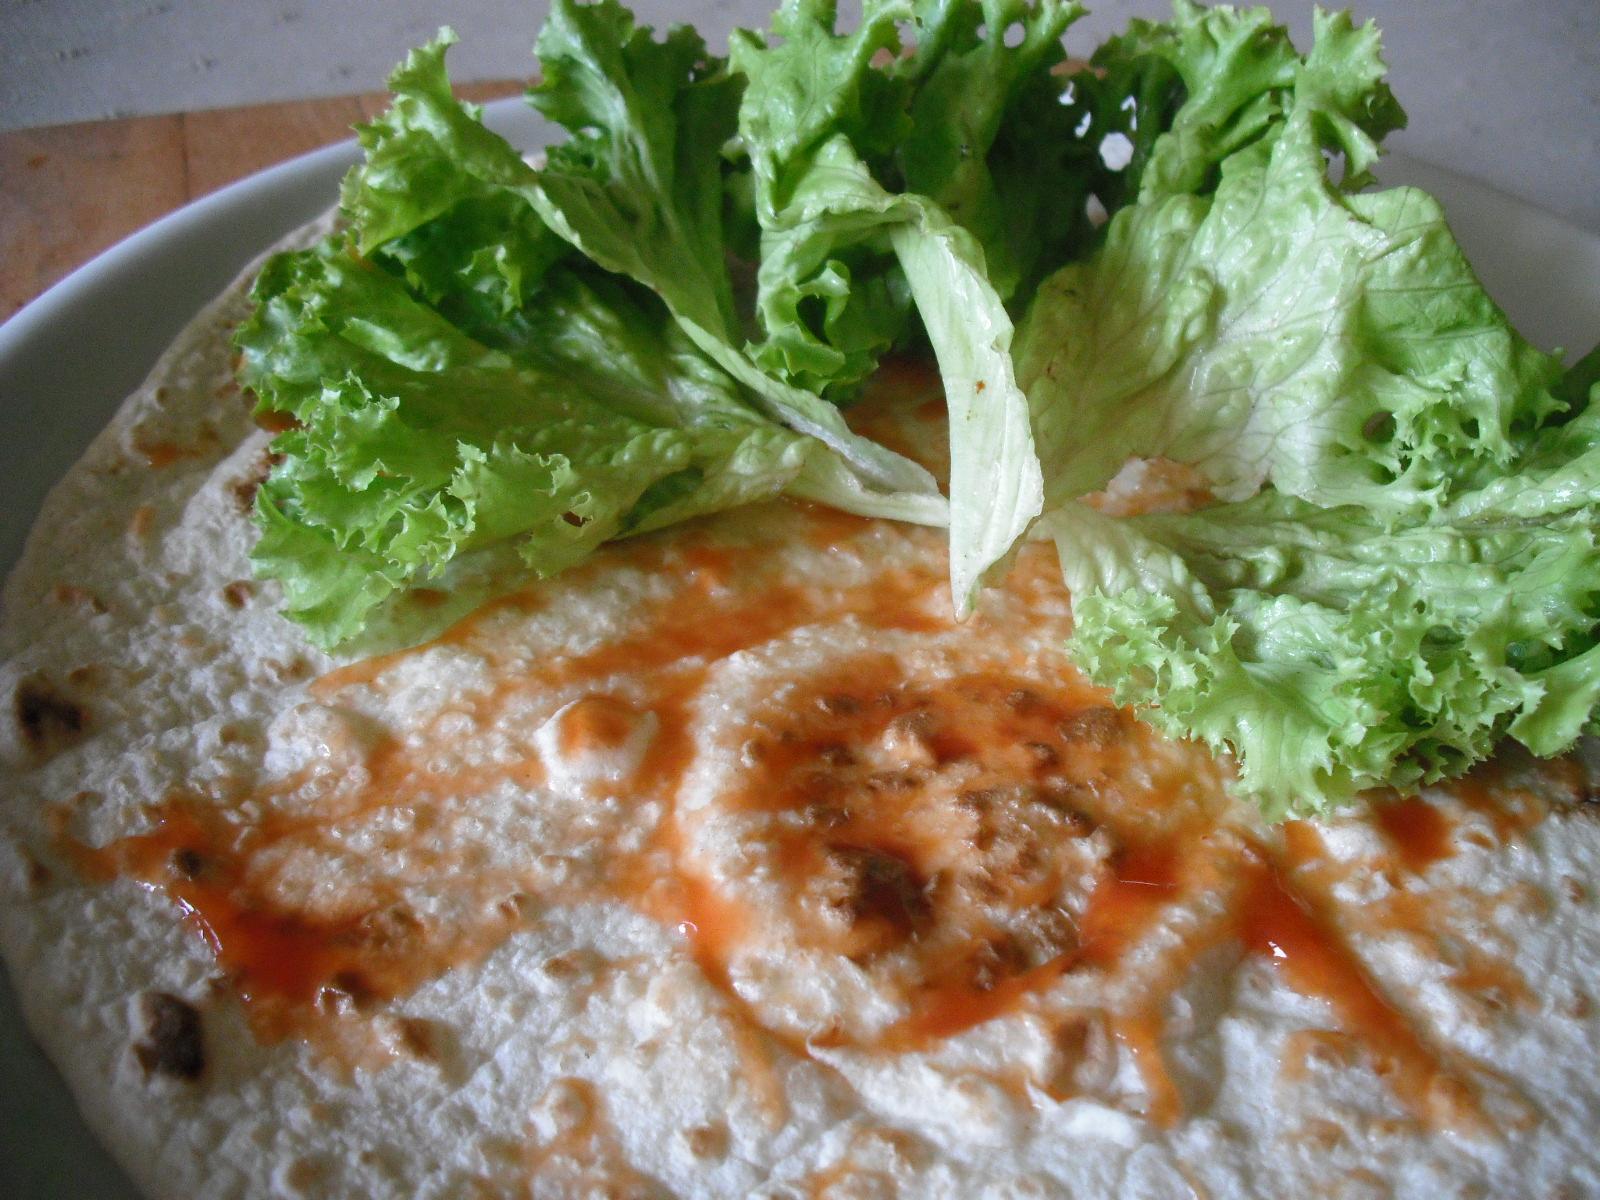 Recept Plněná tortilla - Postup plnění tortilly.